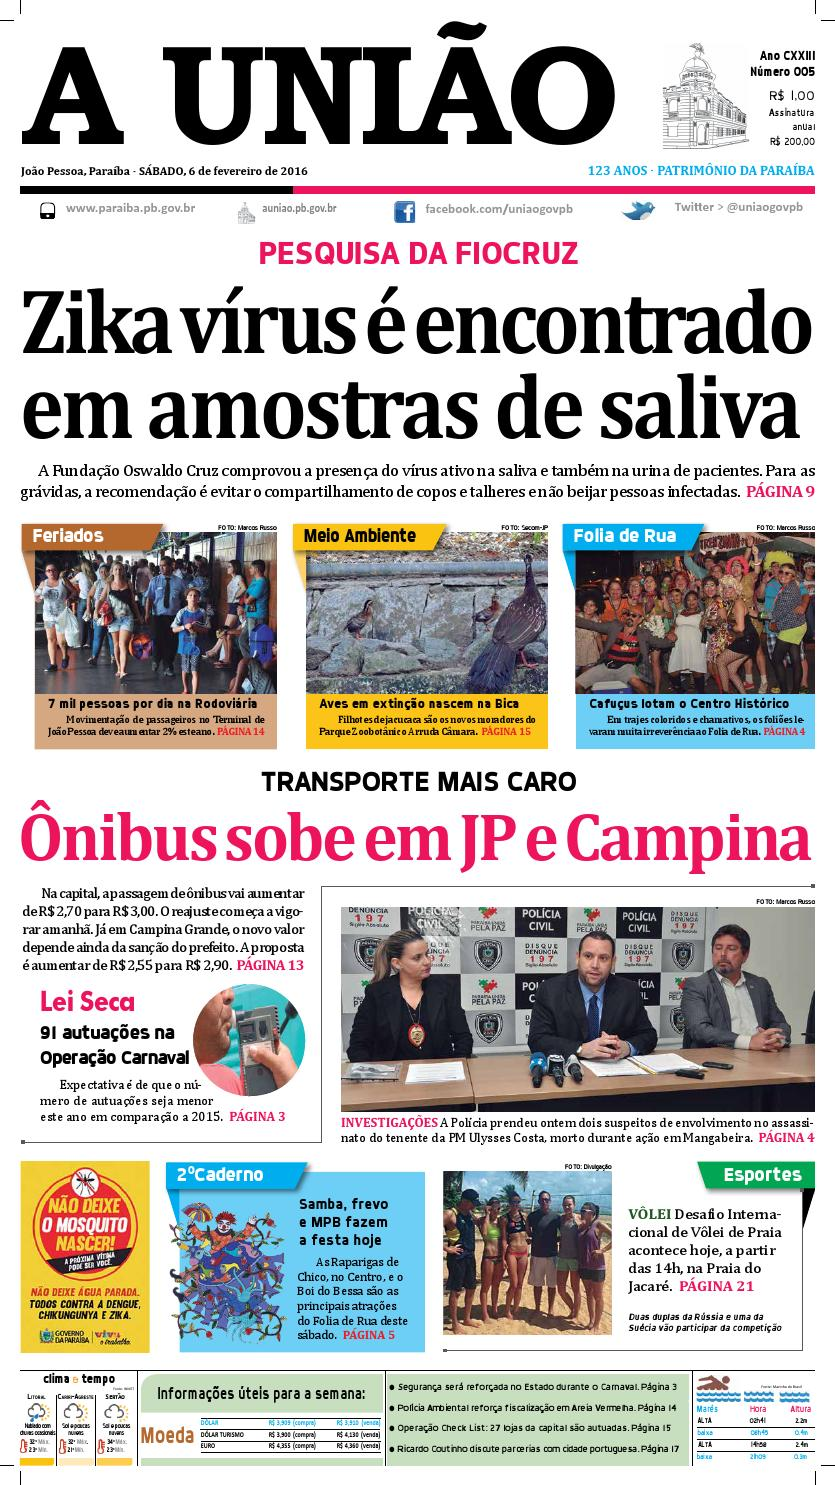 e8f071f030 Jornal A União 06 02 16 by Jornal A União - issuu